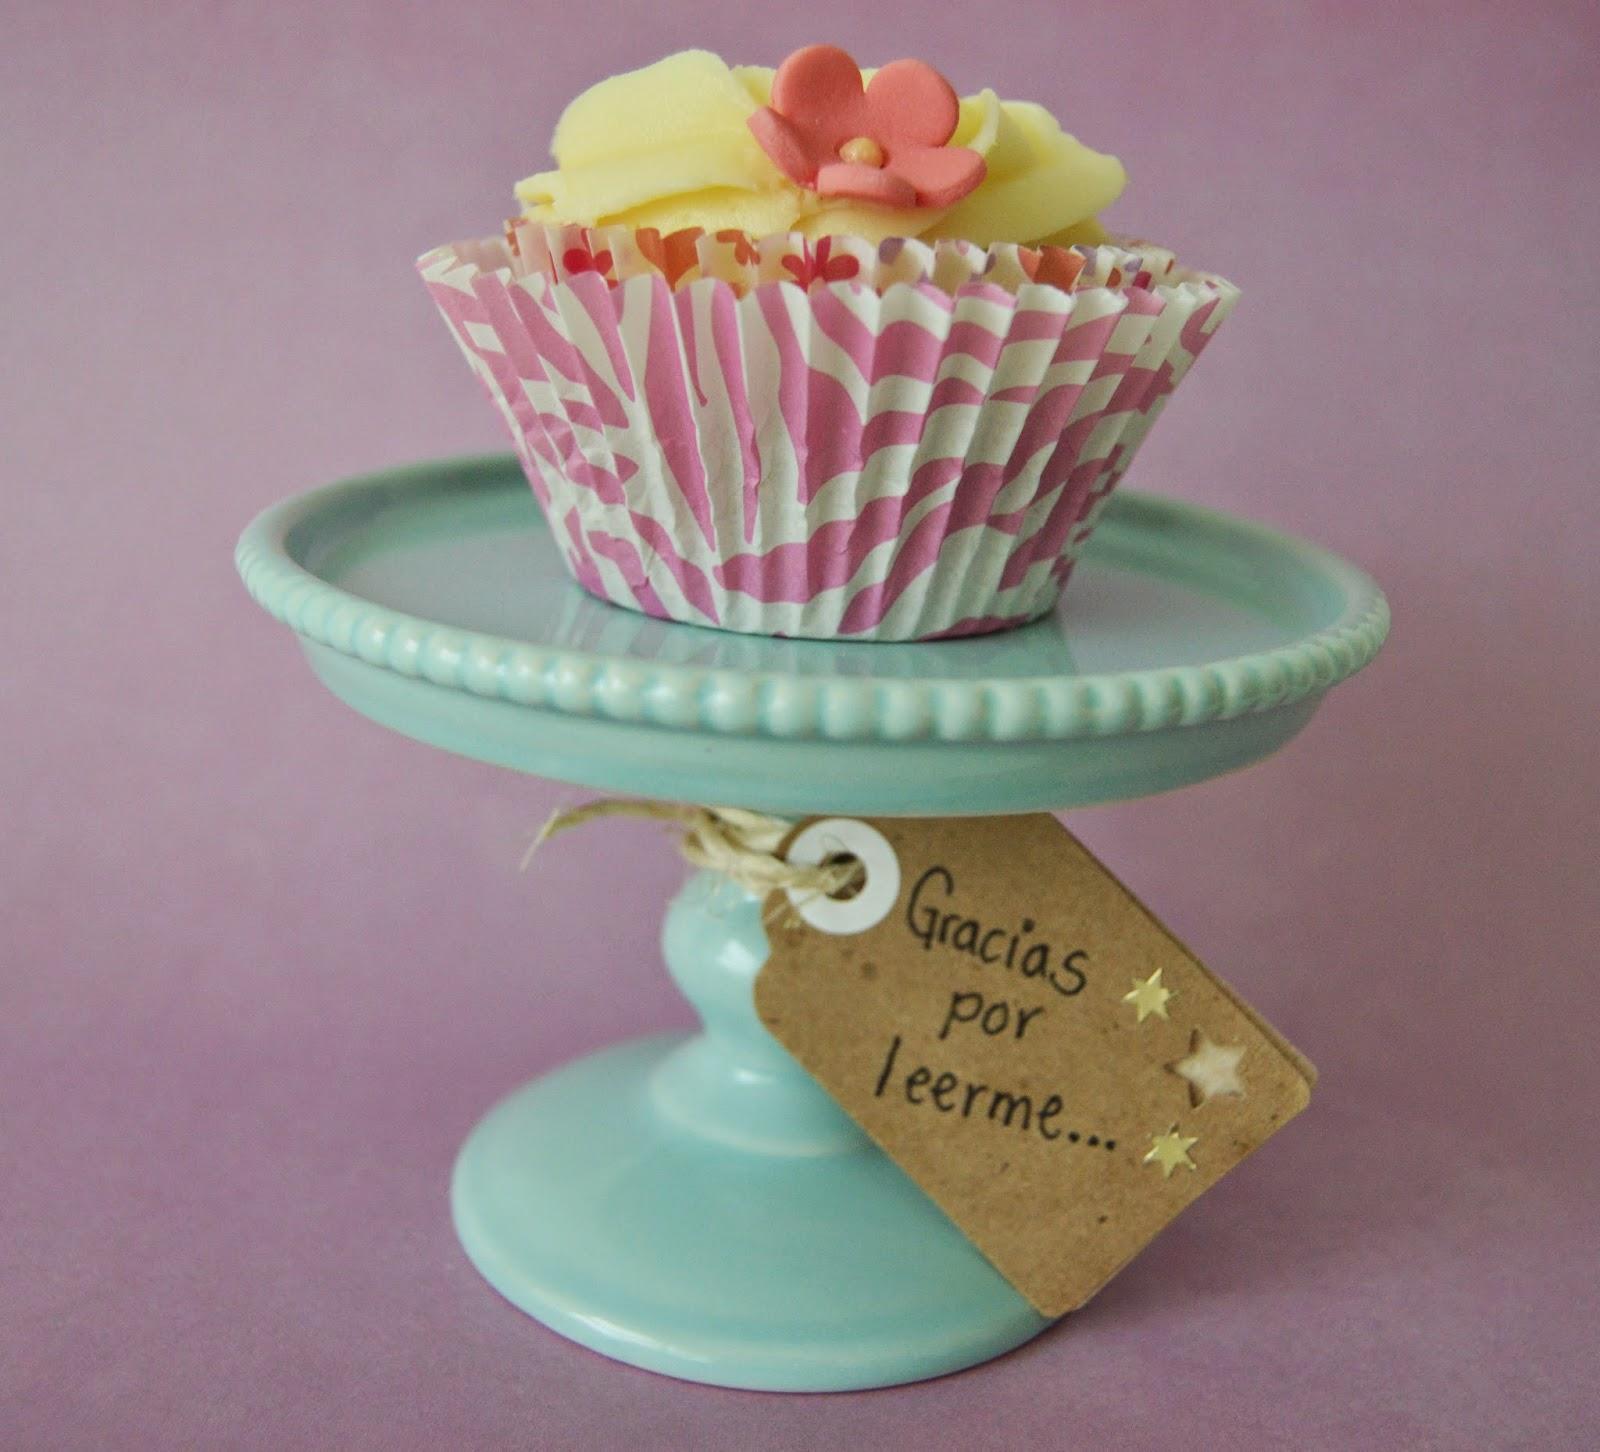 cupcakes-mexico-platano-nutella-df-amor